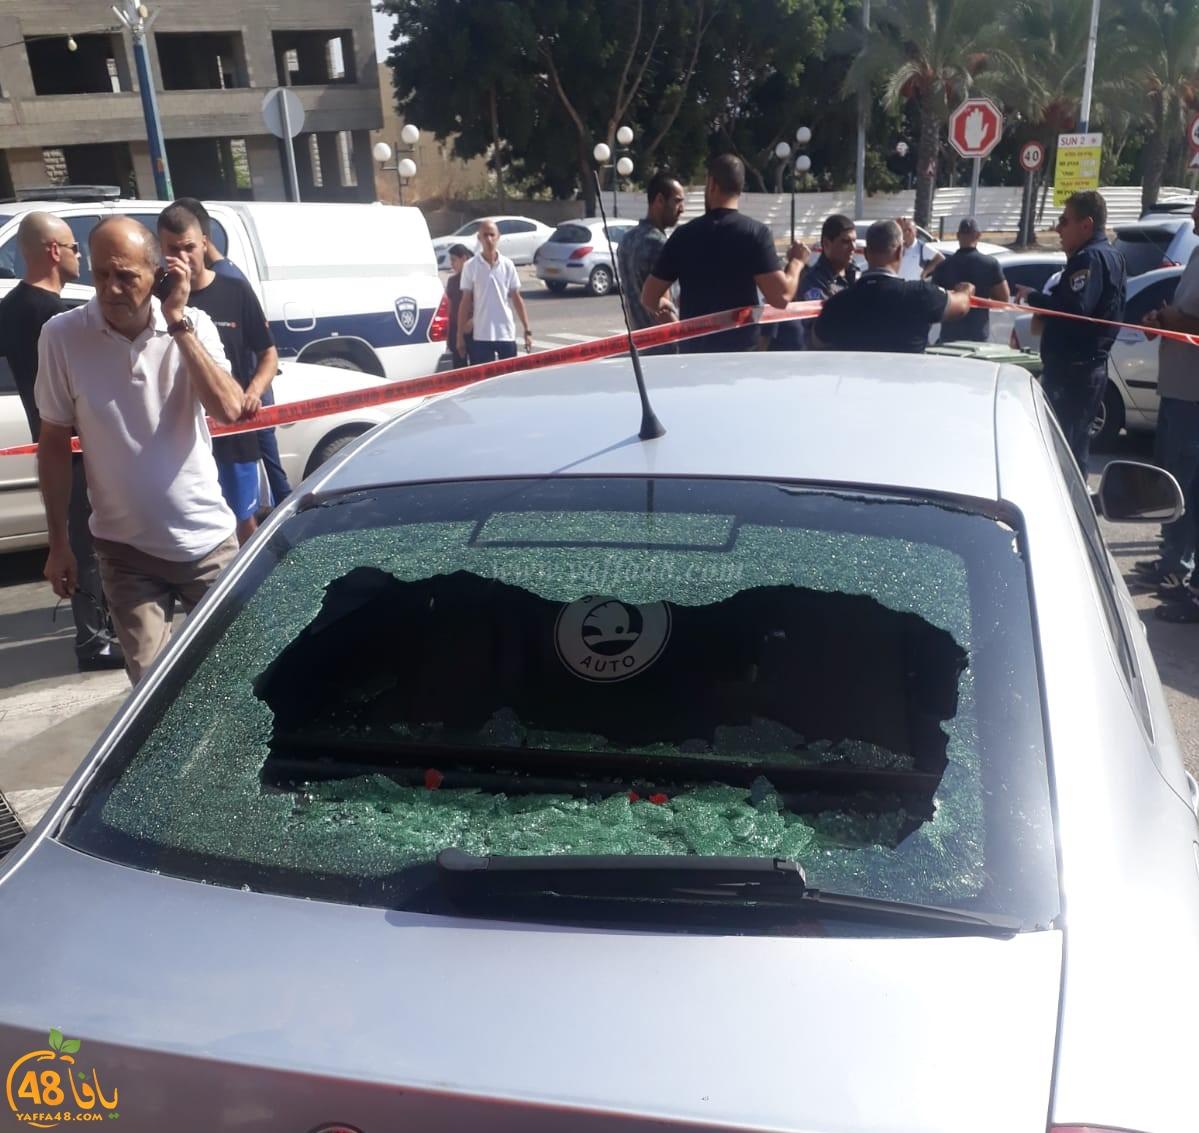 إصابة شخصين بجراح متفاوتة بعد تعرضهما لإطلاق نار في جت